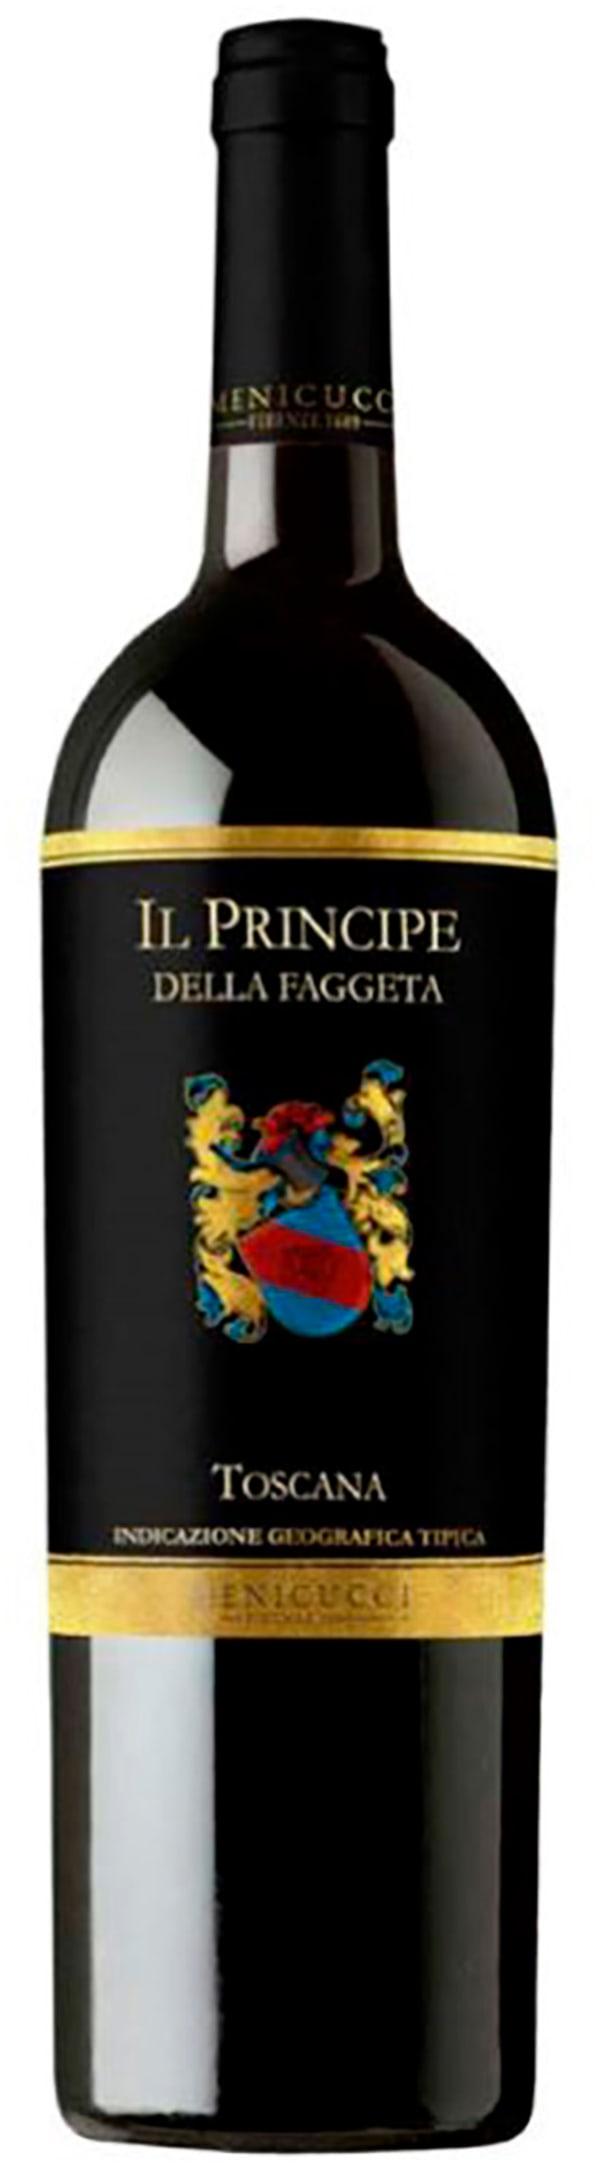 Menicucci Il Principe Toscana Rosso 2014